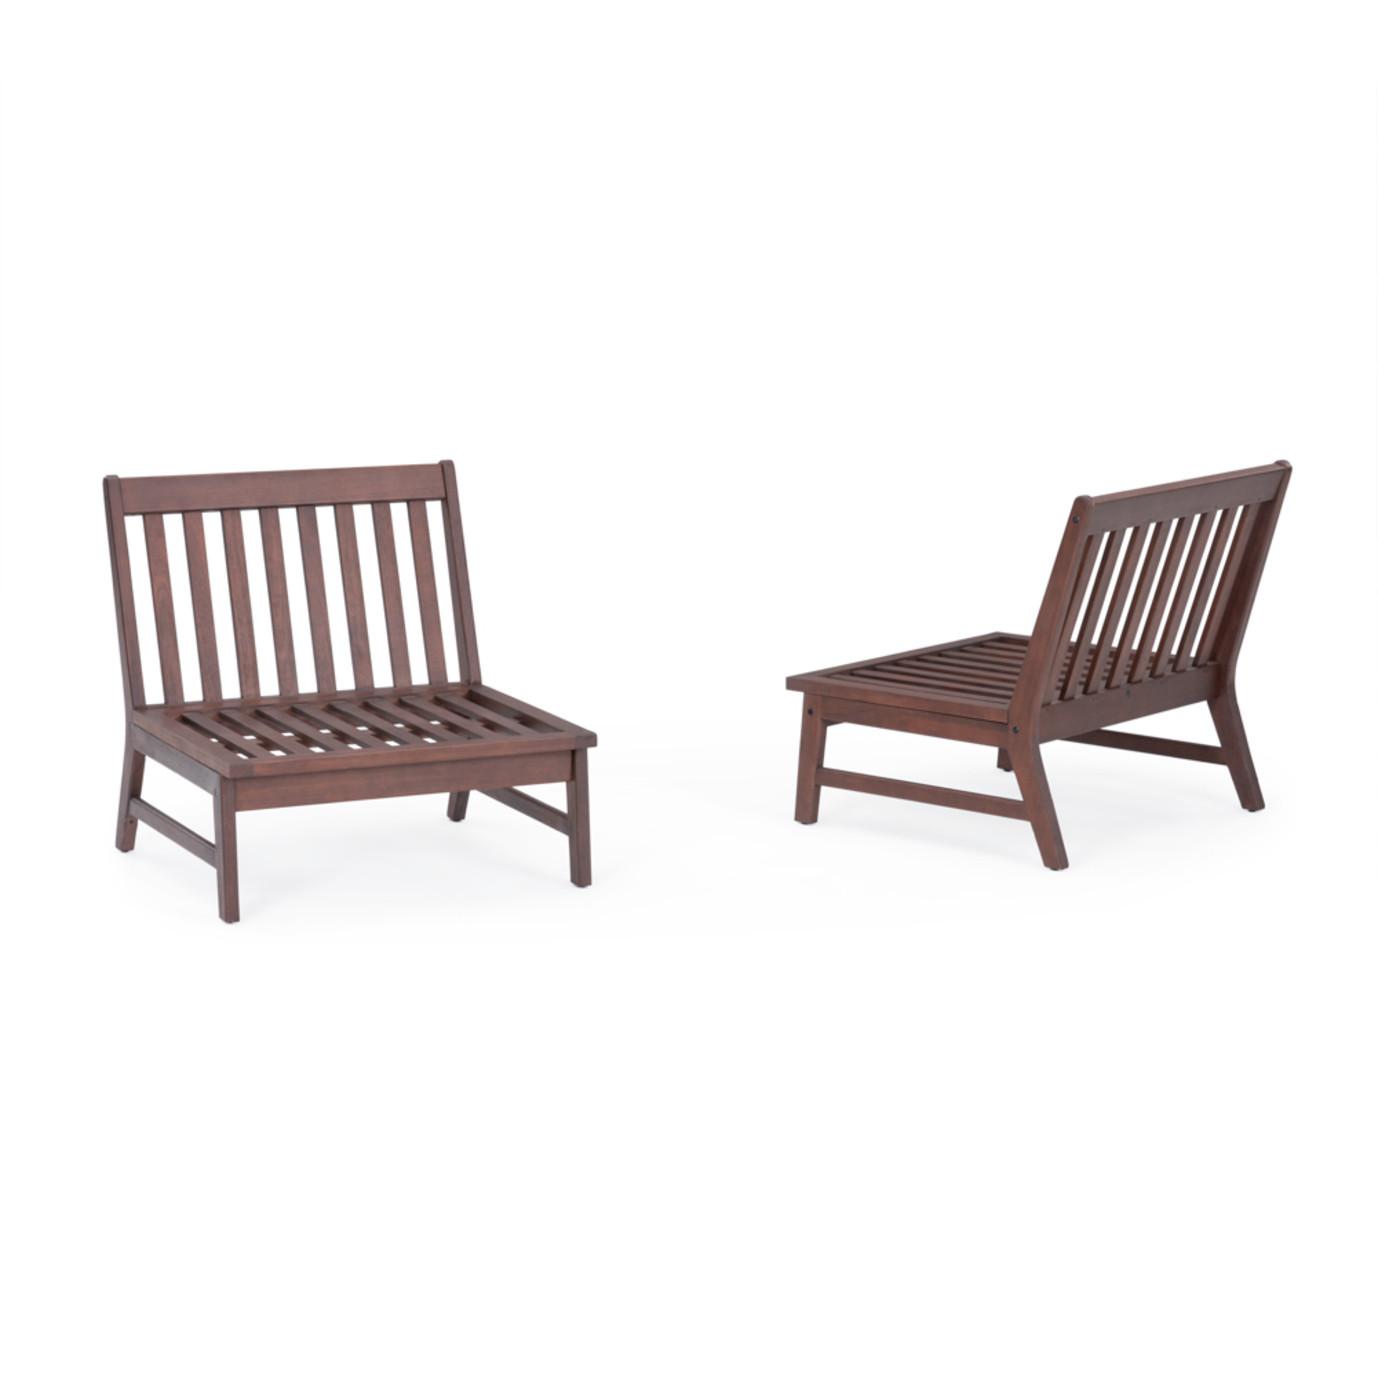 Vaughn™ Armless Chairs - Bliss Blue